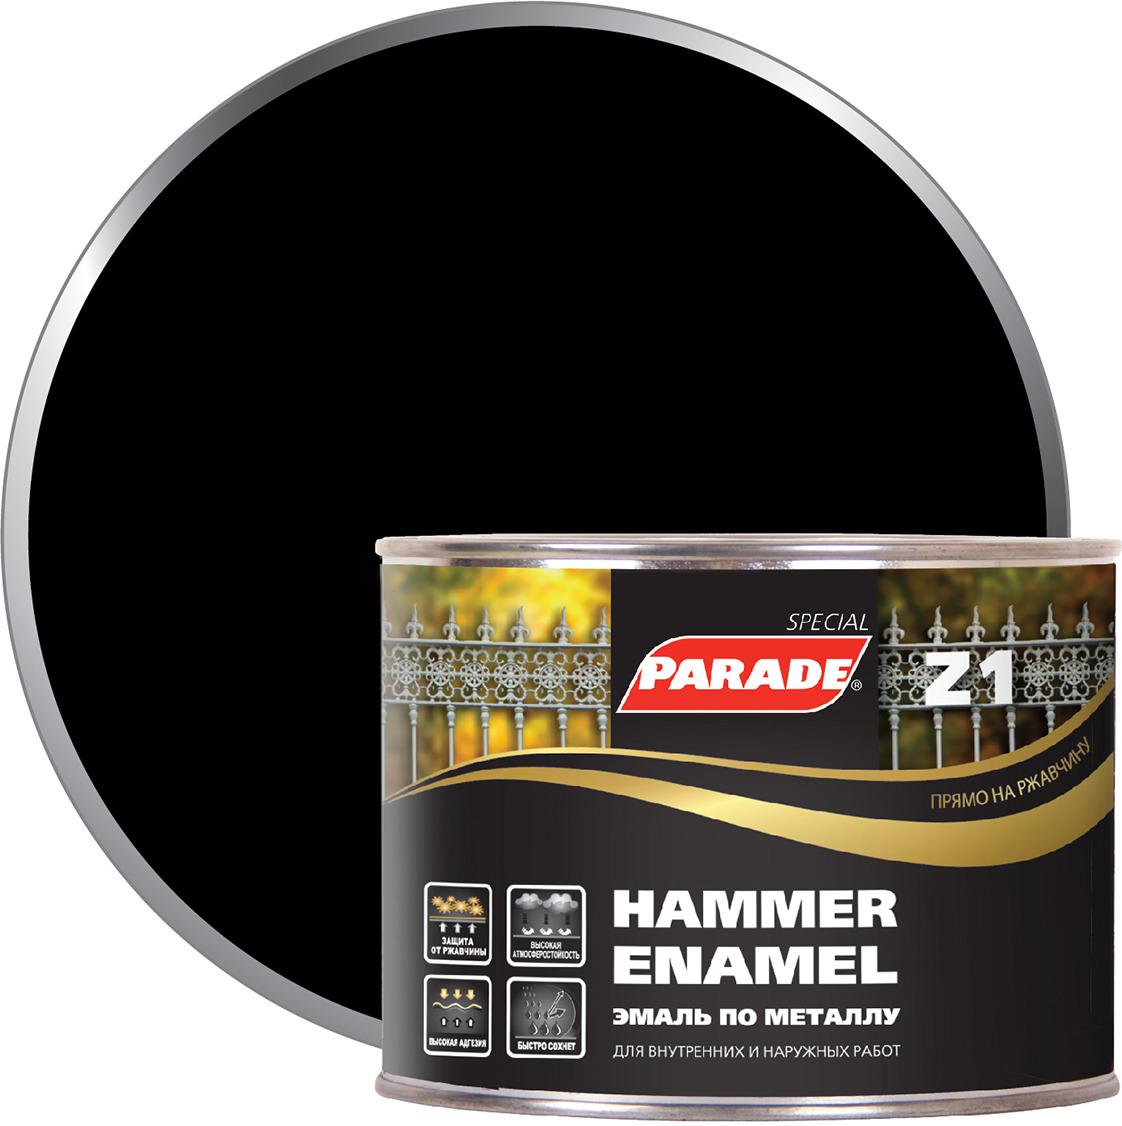 Фото - Эмаль по металлу Parade Z1, гладкая, 543-102 черный, 450 мл финишный гвоздь swfs свфс din1152 1 8х40 25кг тов 041025